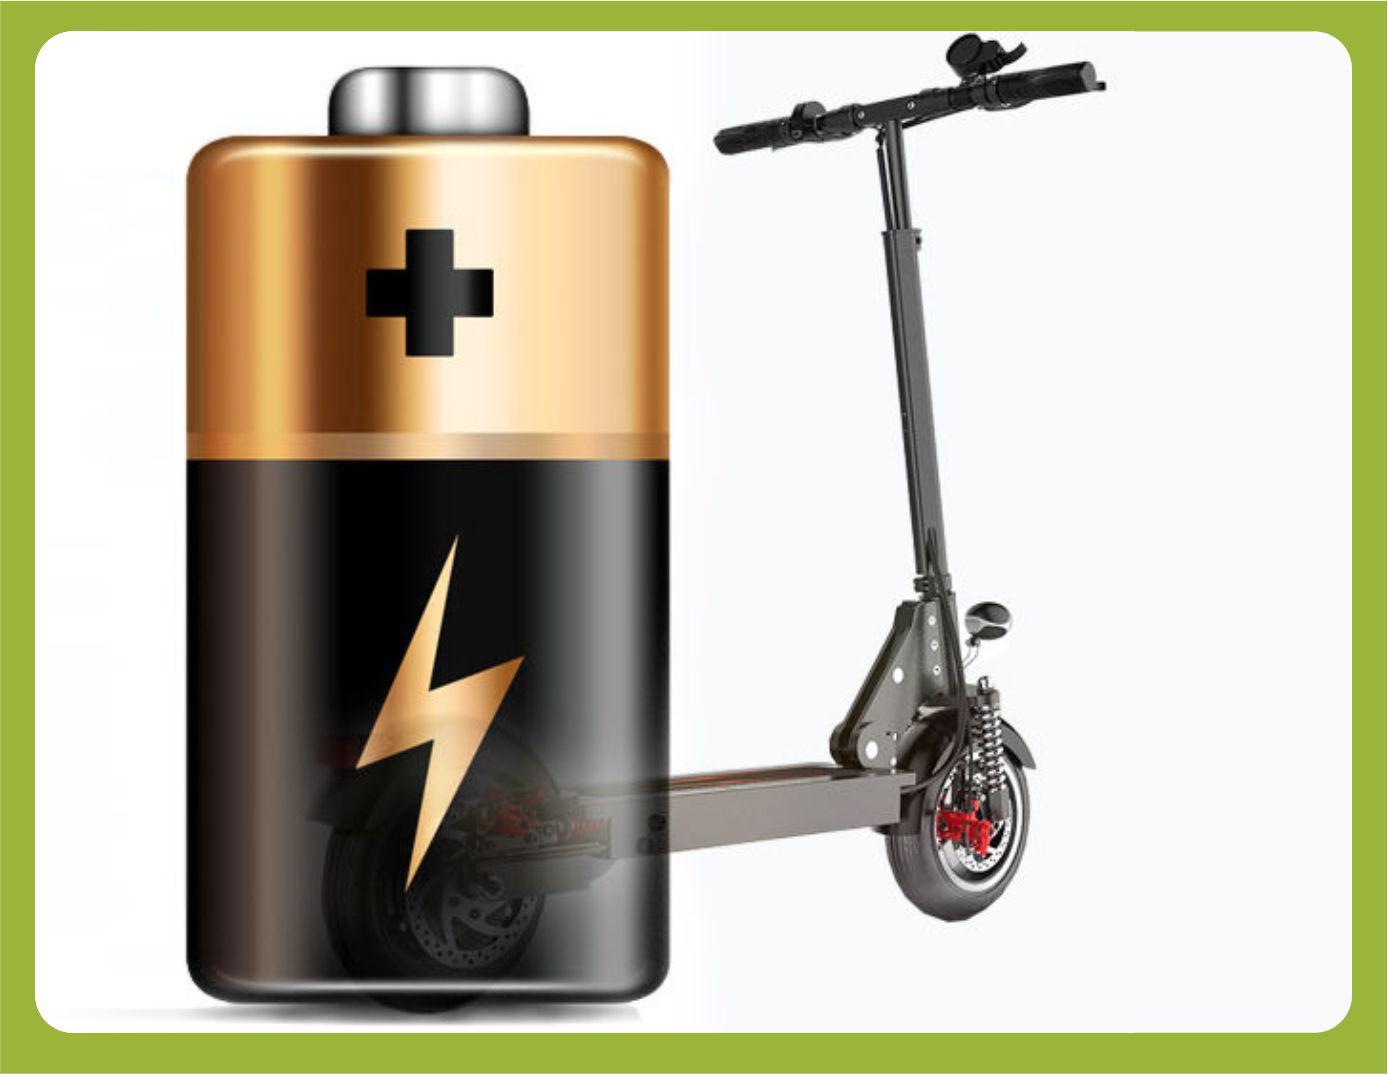 Patarimai, kaip protingai išsirinkti elektrinį paspirtuką